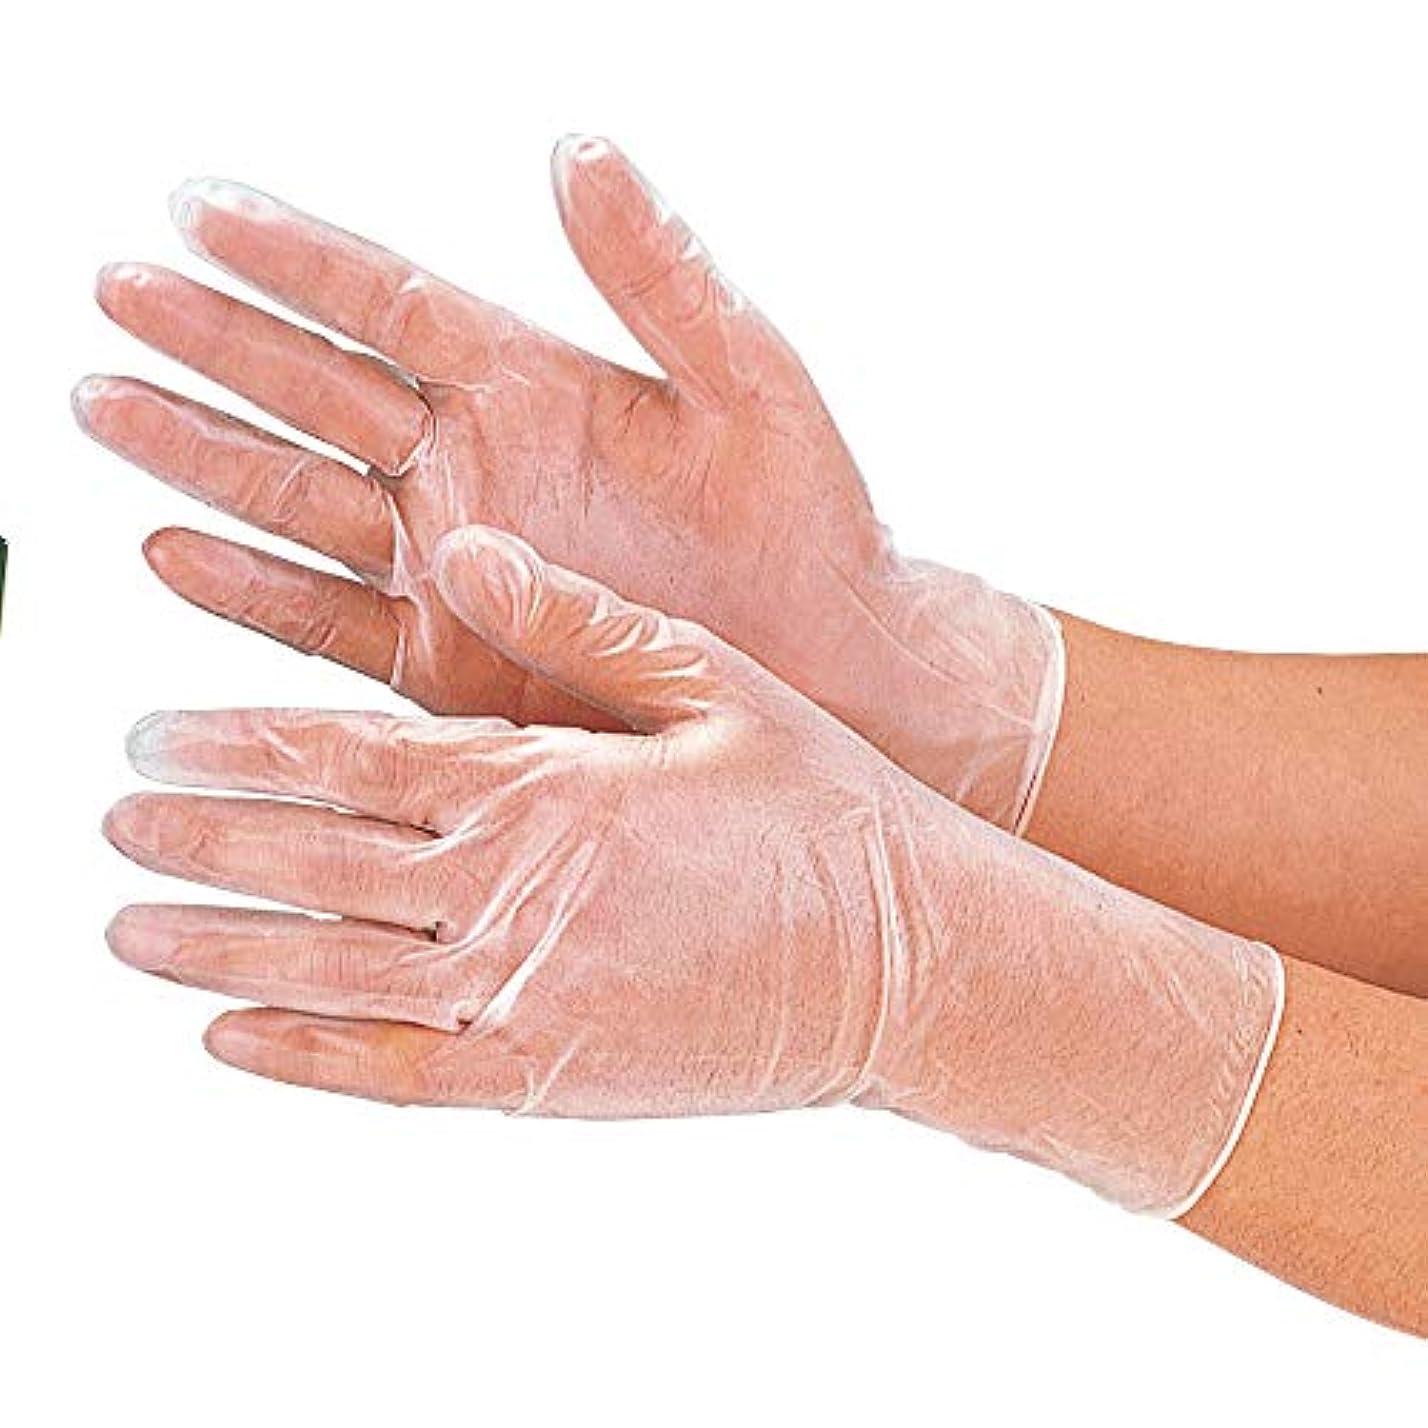 リア王ビーム鳴り響くおたふく手袋 プラスチックディスポ手袋 100枚入り #255 S/M/L